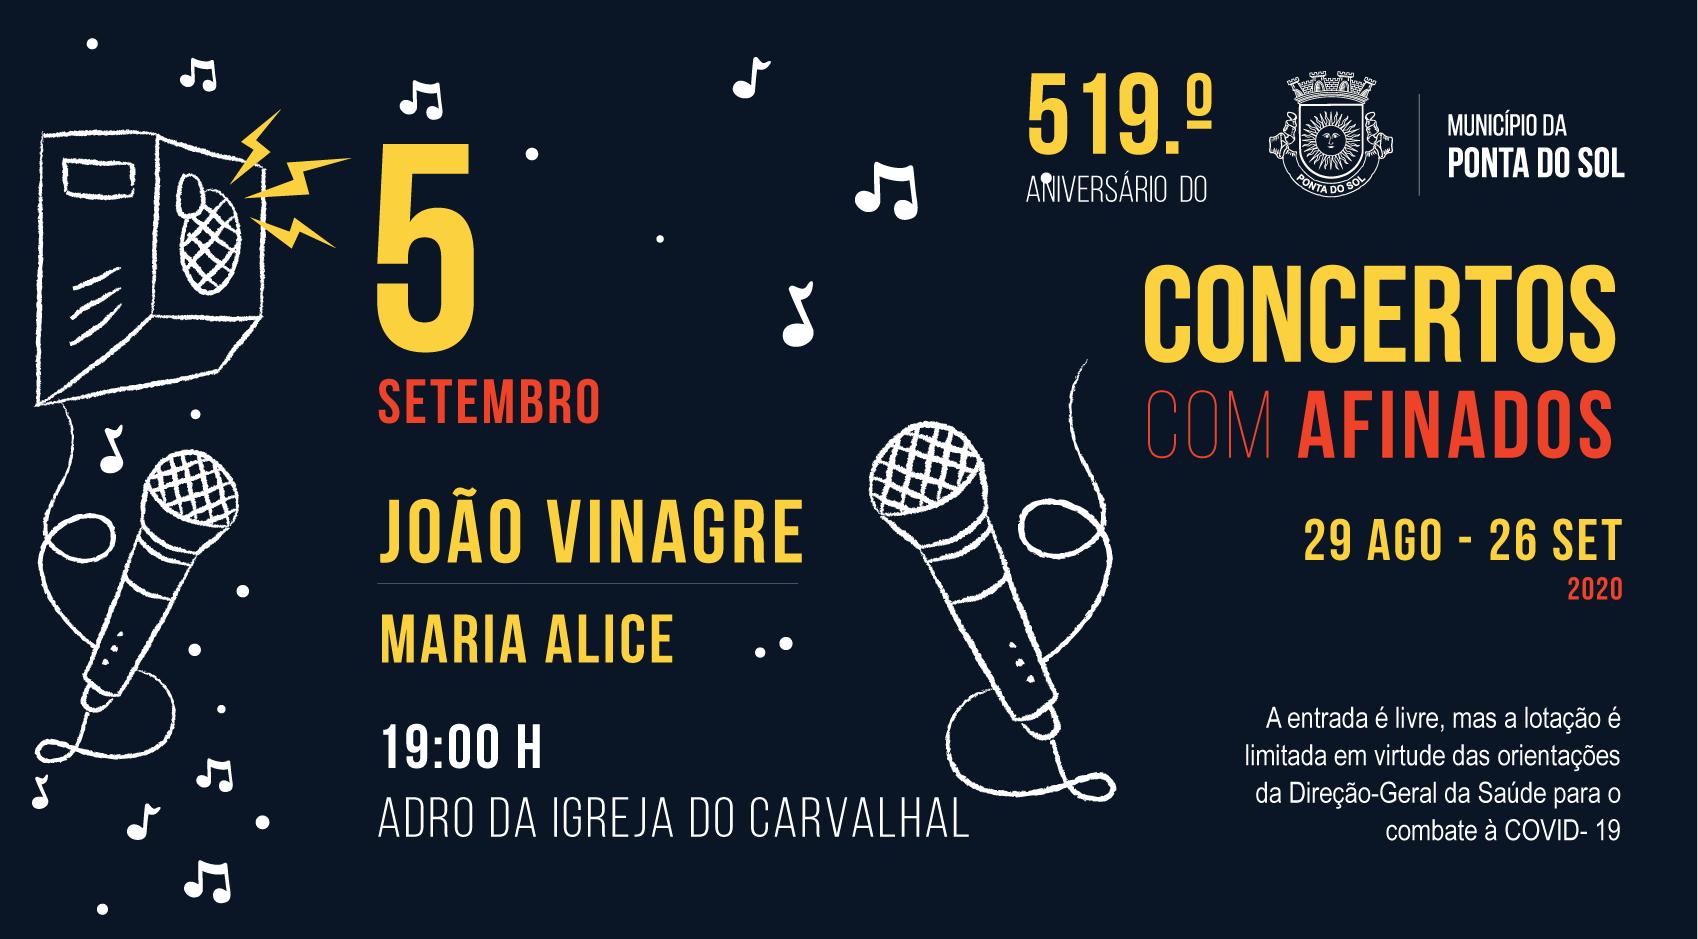 Concertos Com - AFINADOS | João Vinagre acompanhado por Maria Alice